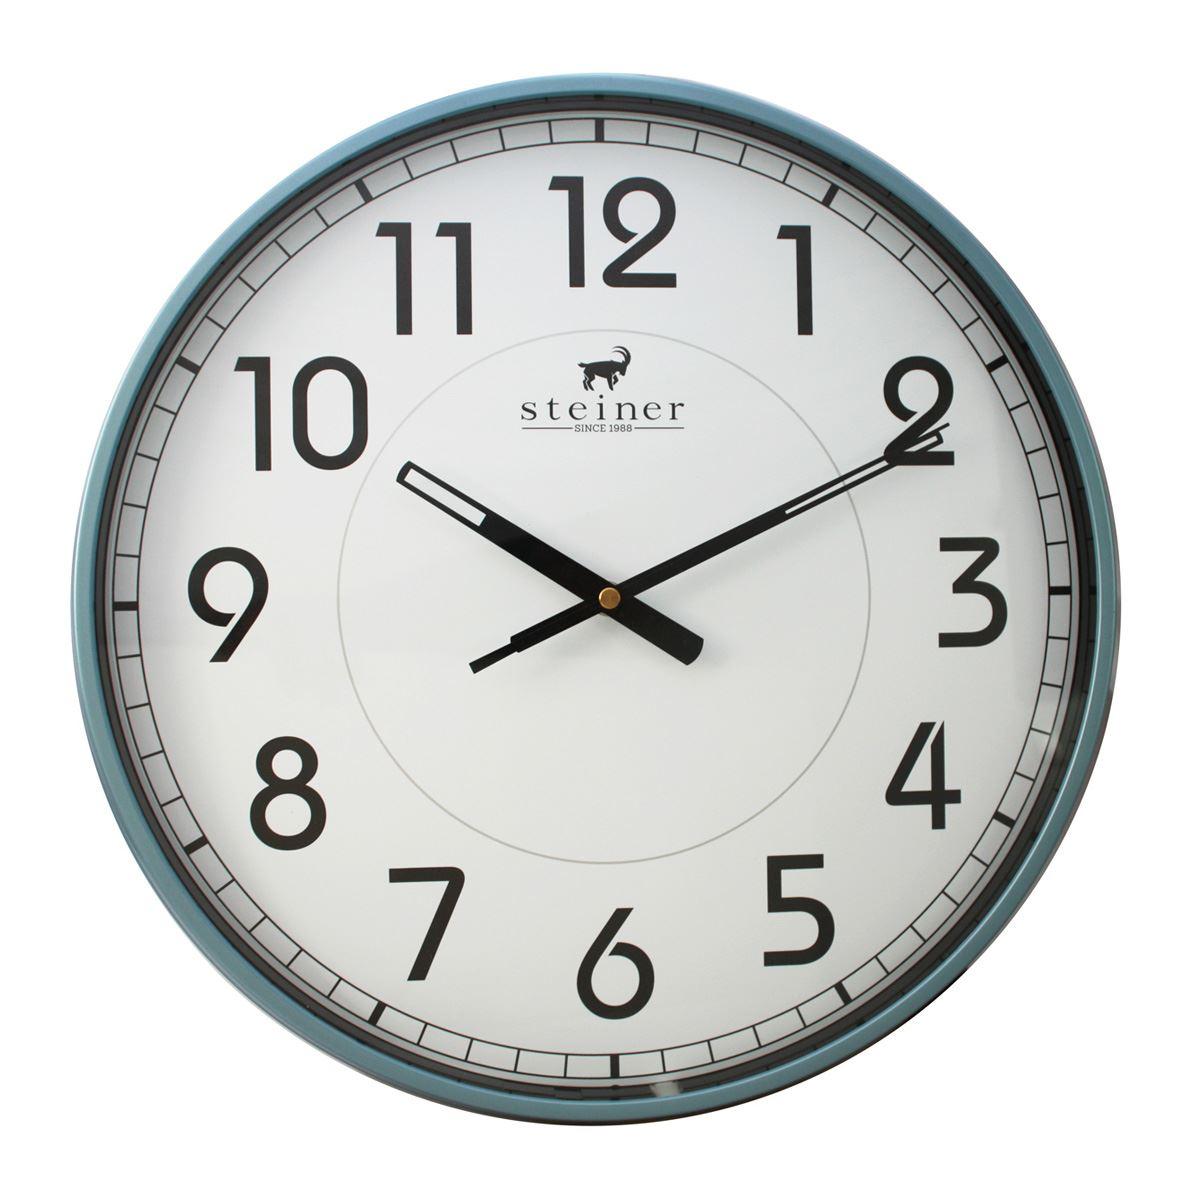 Reloj de pared steiner ws673spbl - Relojes de pared ...